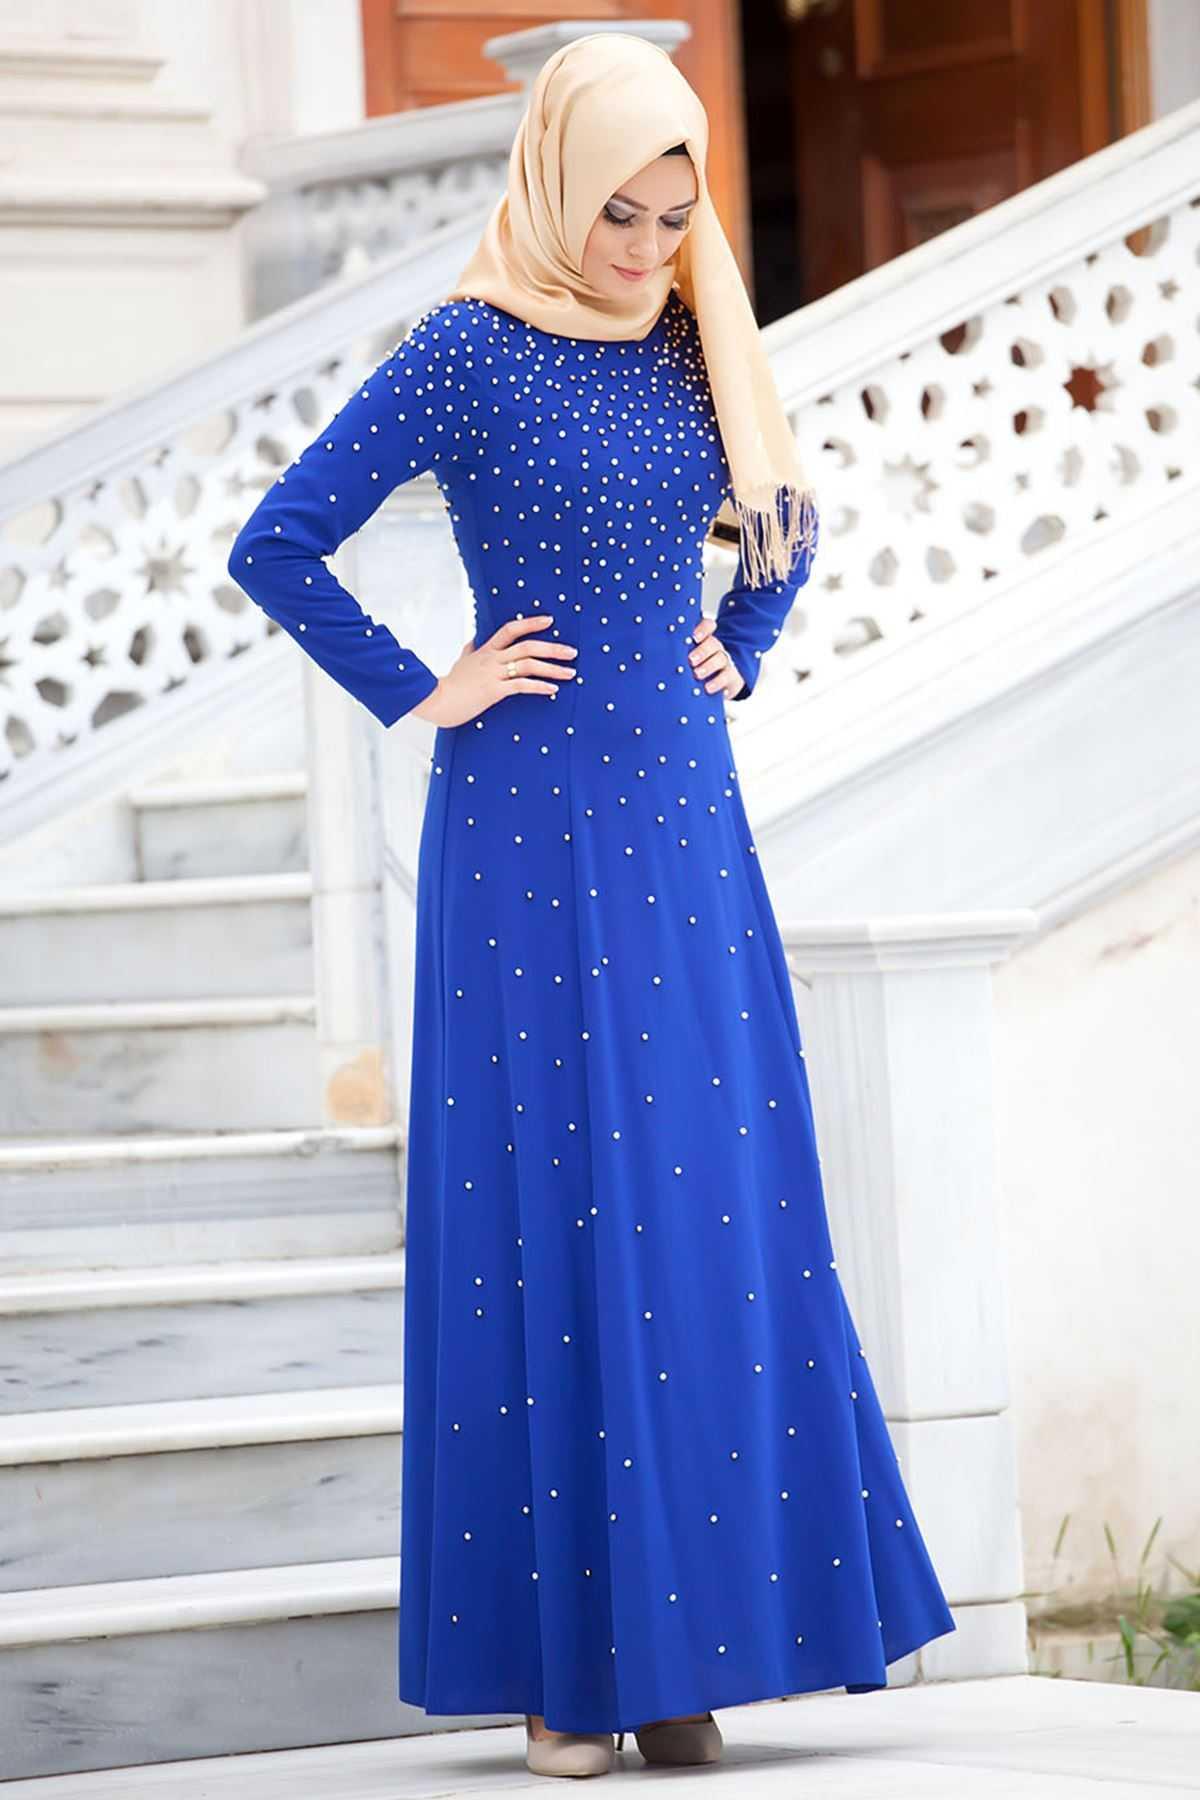 Sedanur Collection Tesettür Boncuklu Elbise Modelleri